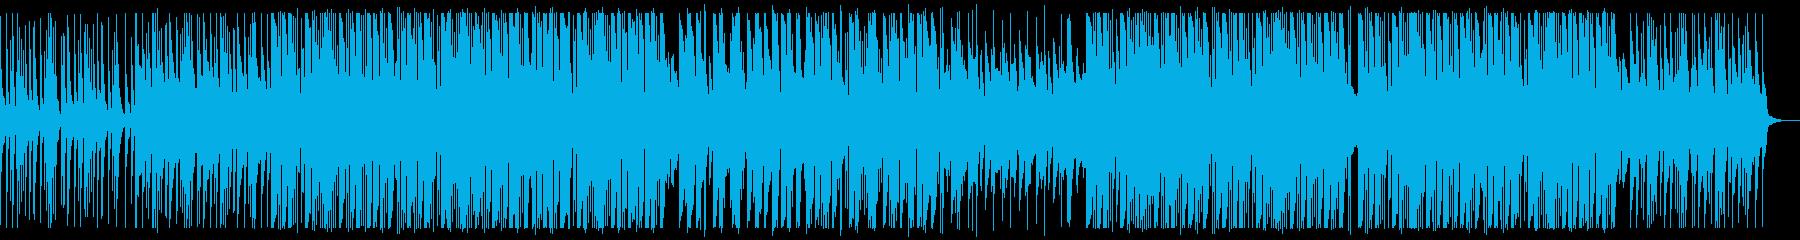 新しい始まり/ノリが良く楽しいピアノの再生済みの波形